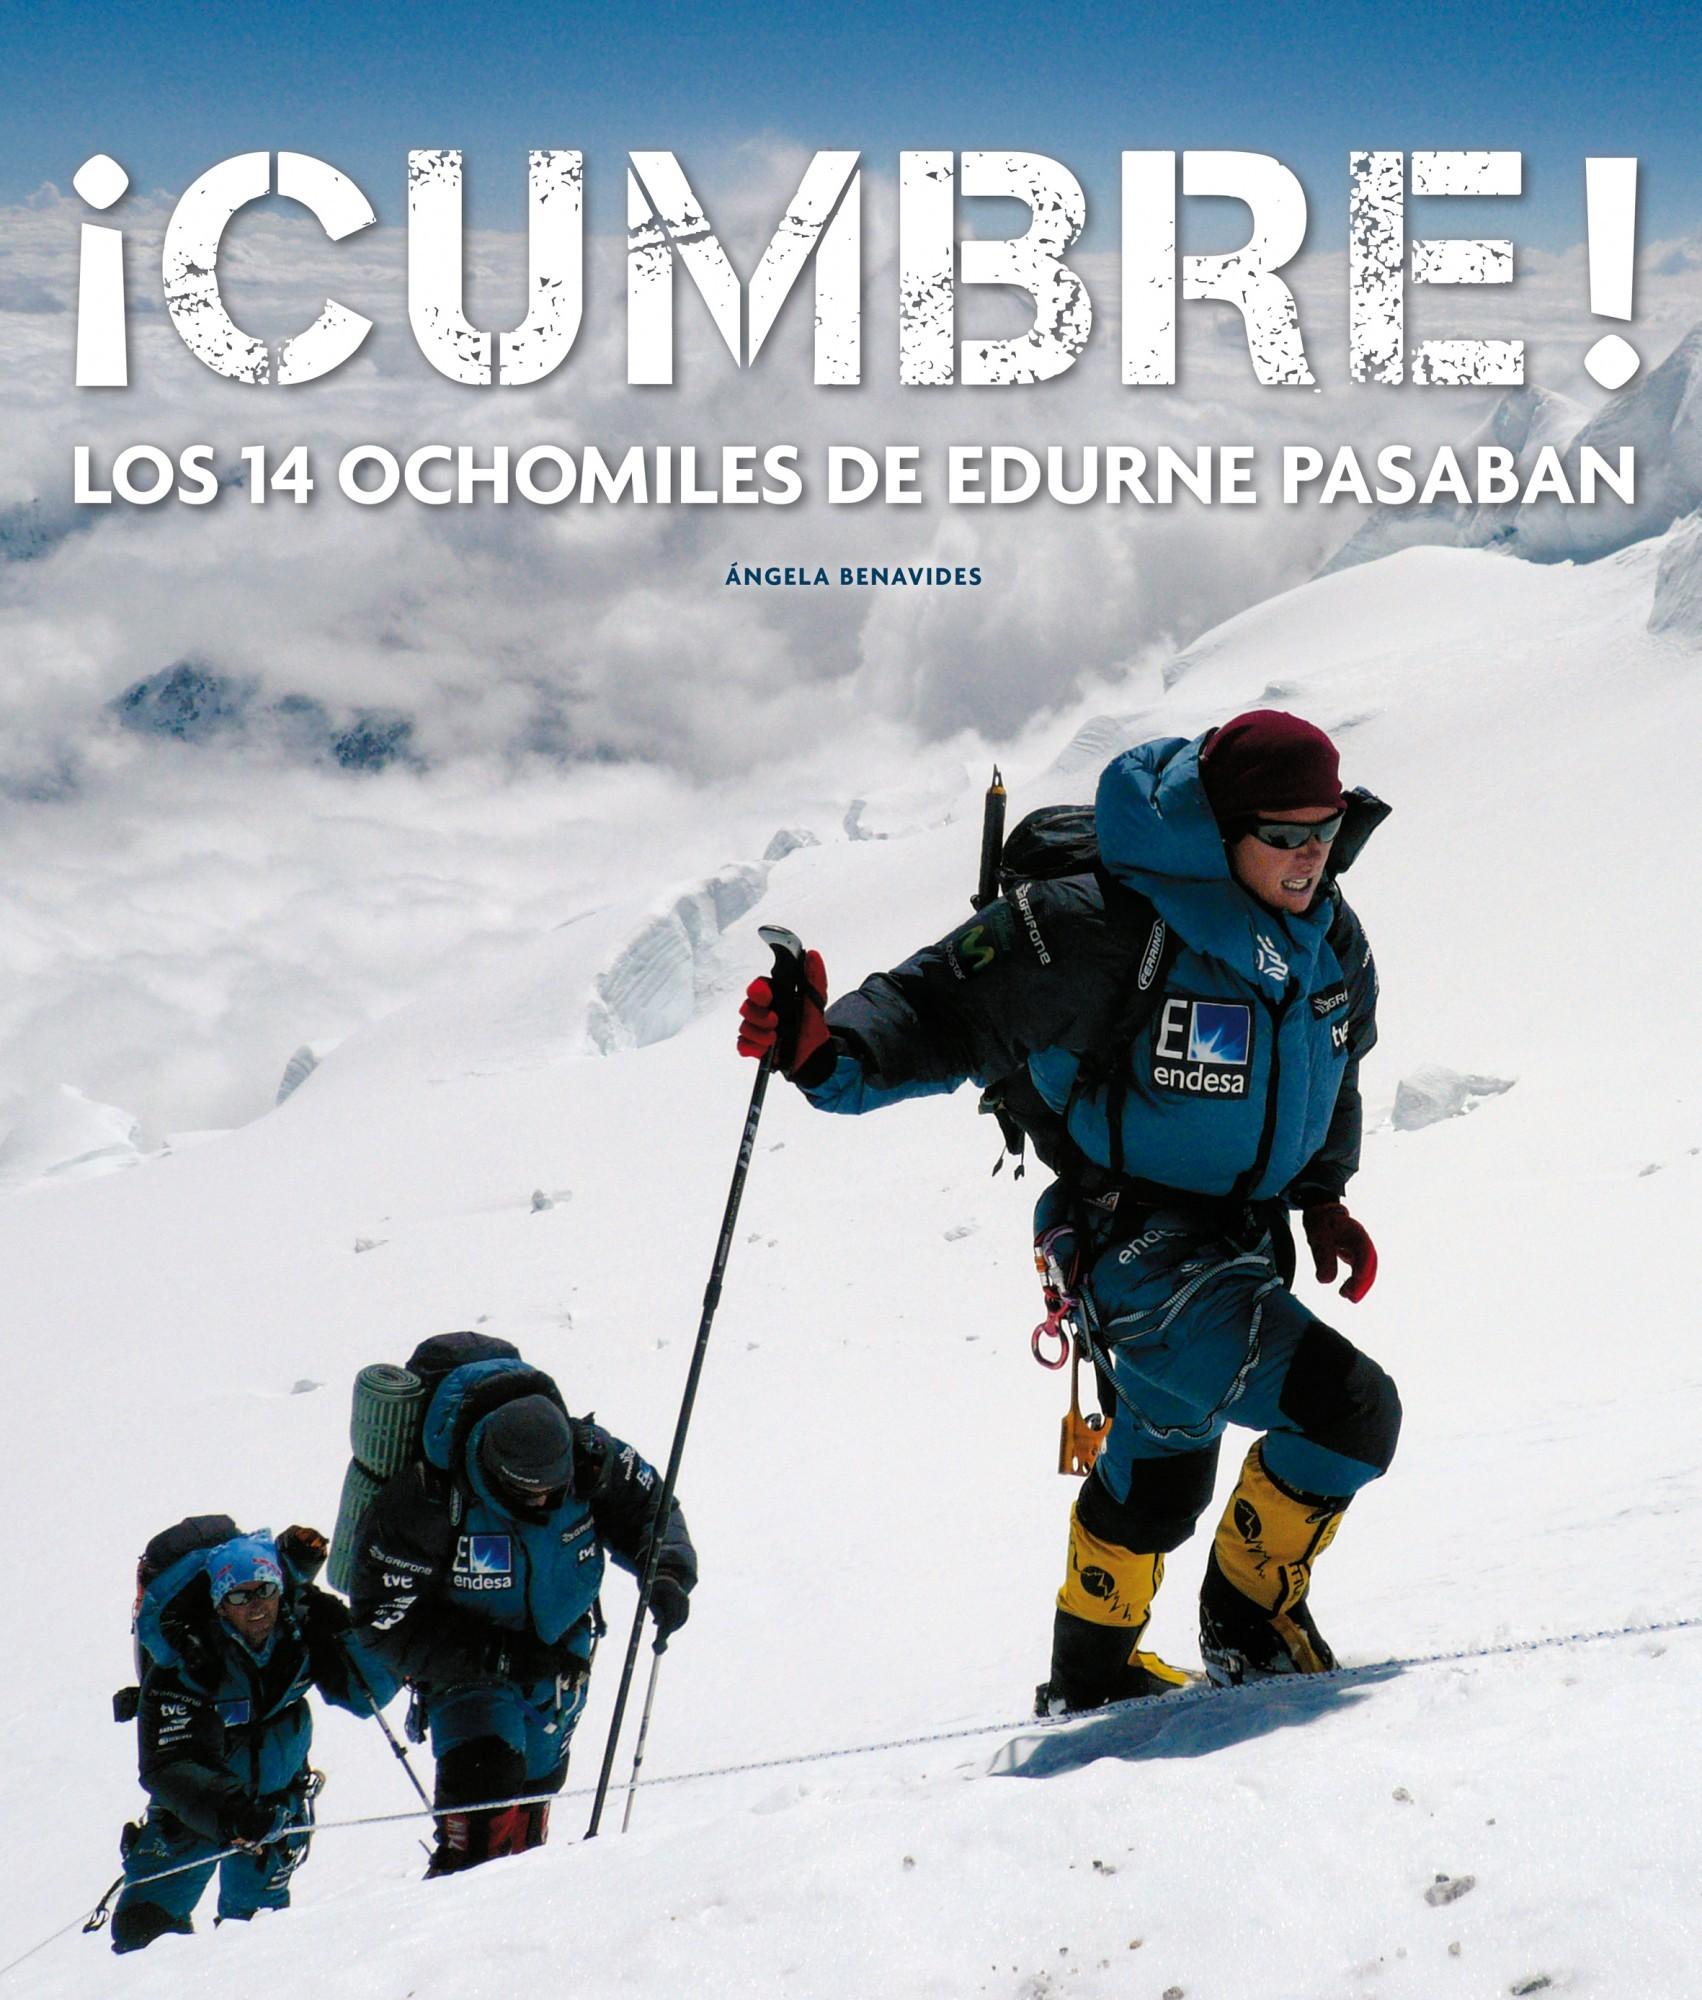 ¡CUMBRE!. LOS 14 OCHOMILES DE EDURNE PASABAN